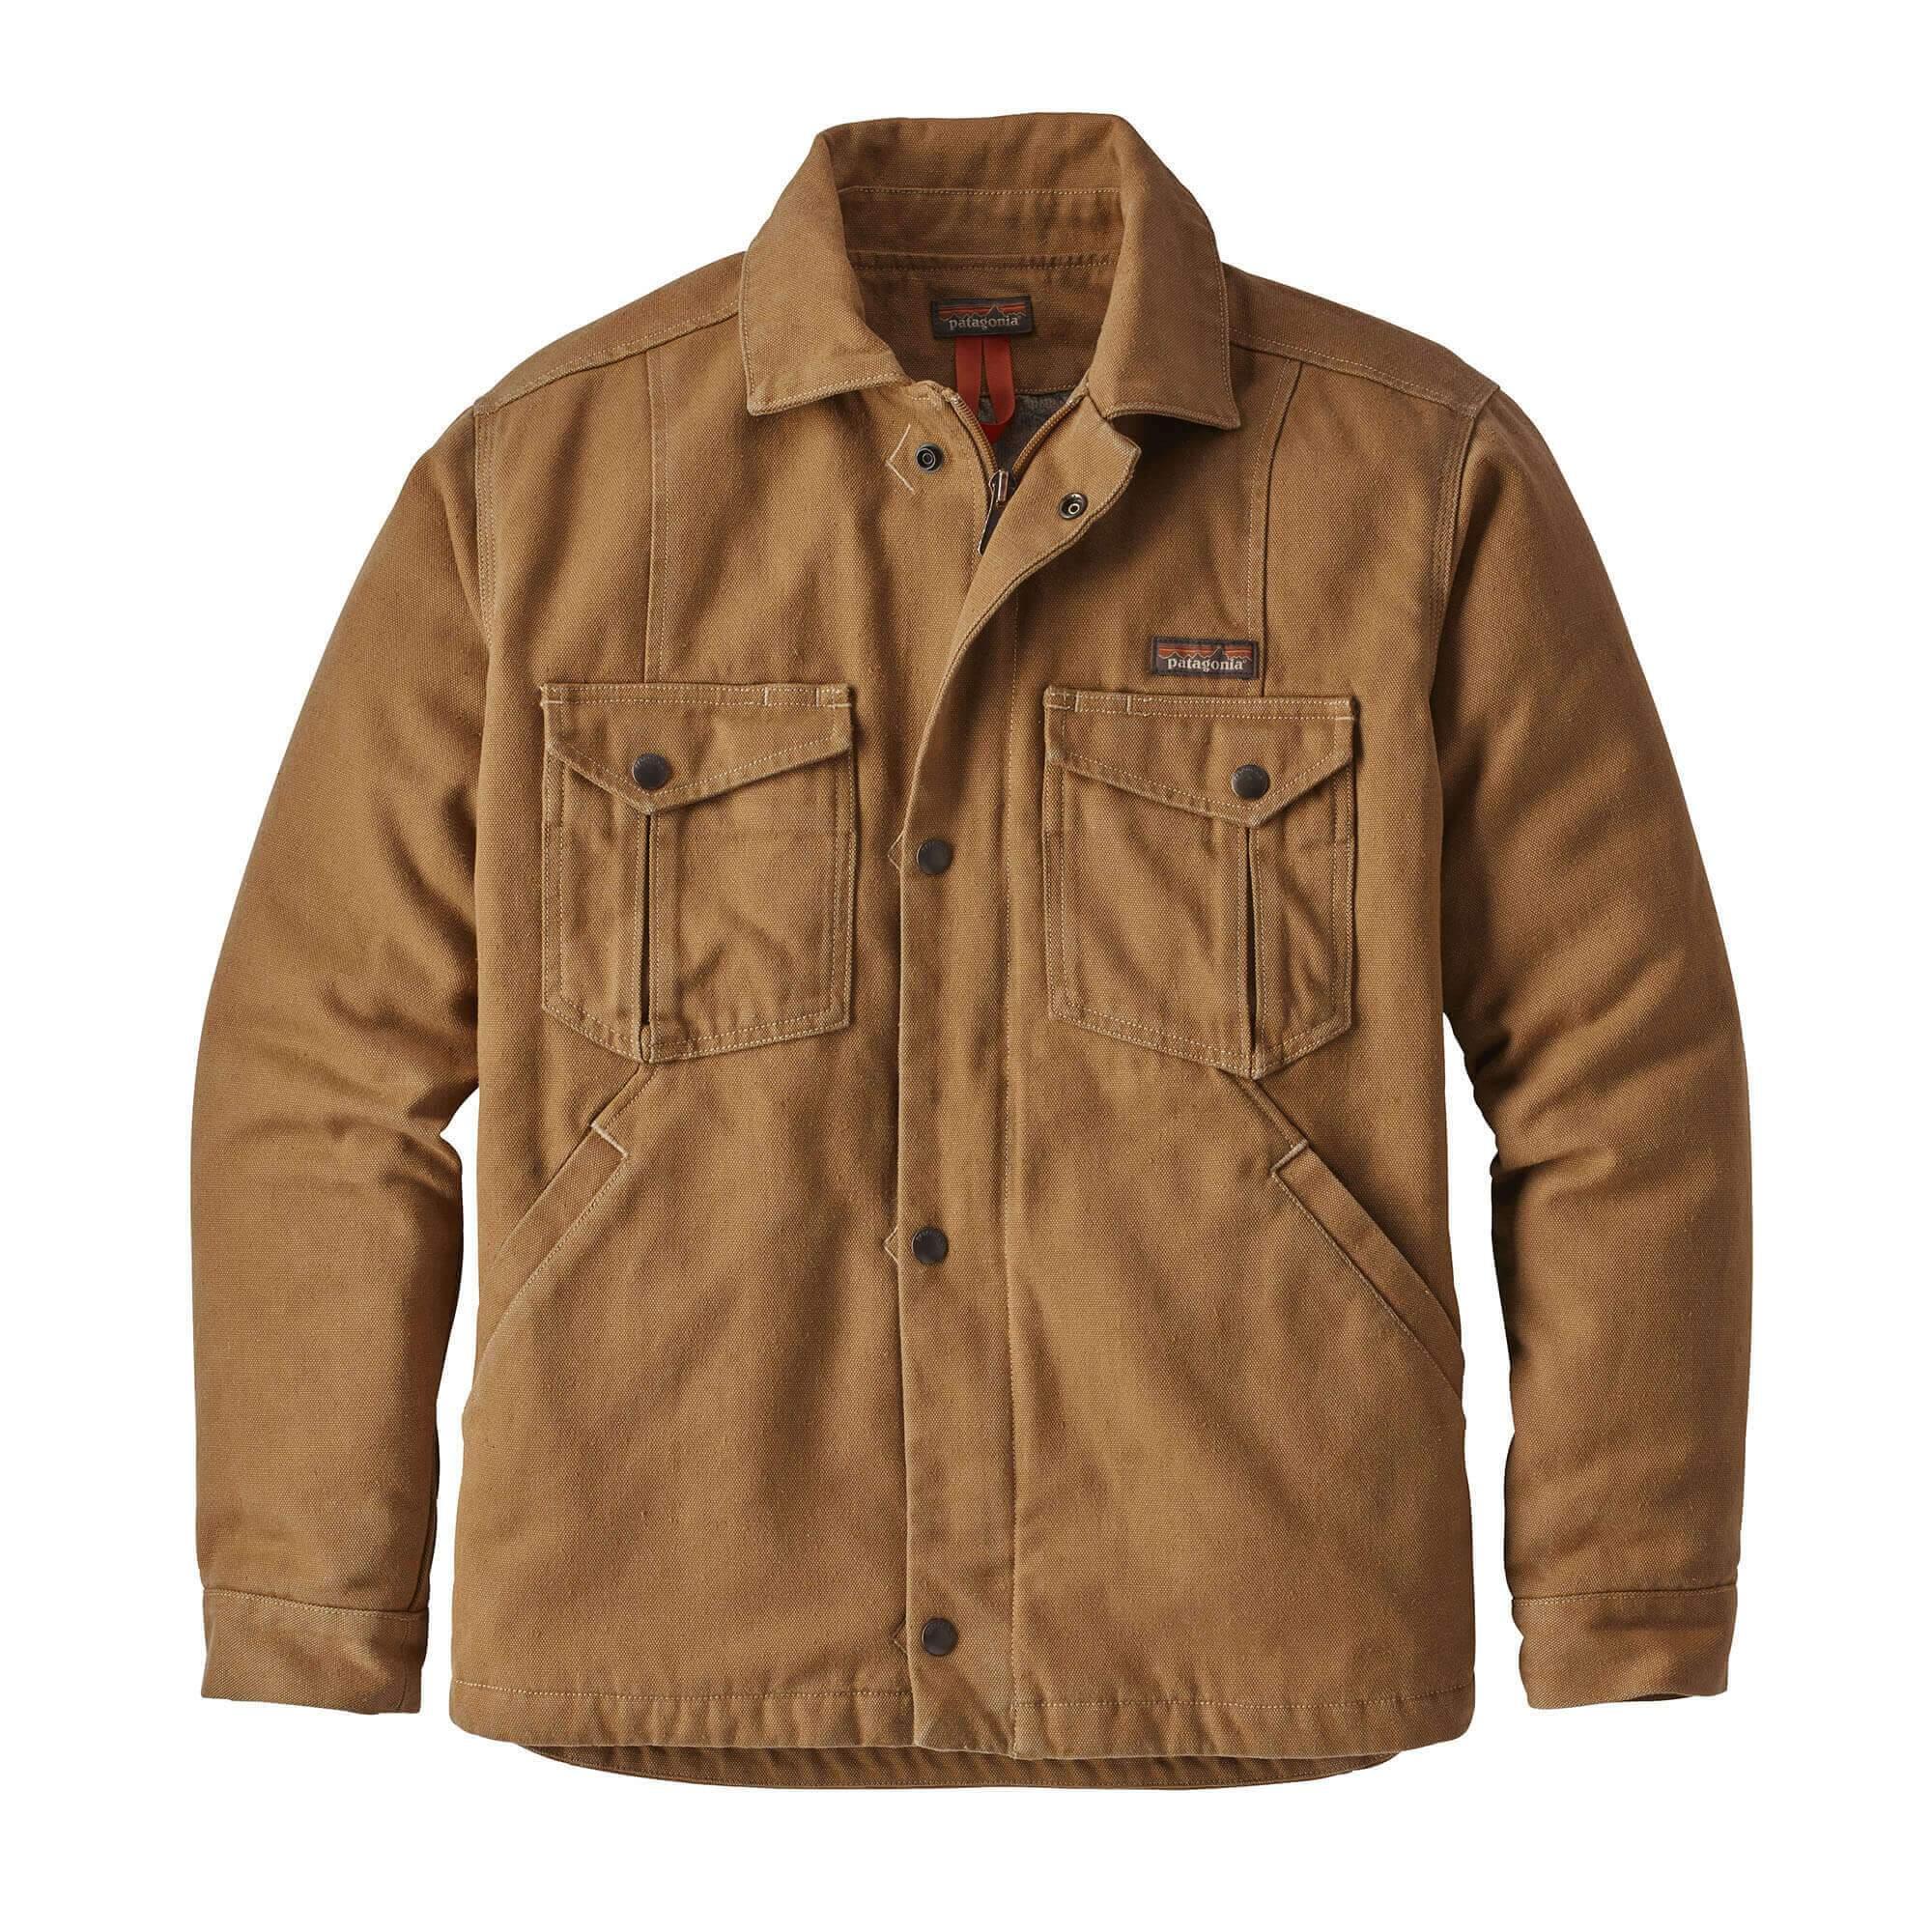 Men's Iron Forge Hemp Canvas Ranch Jacket